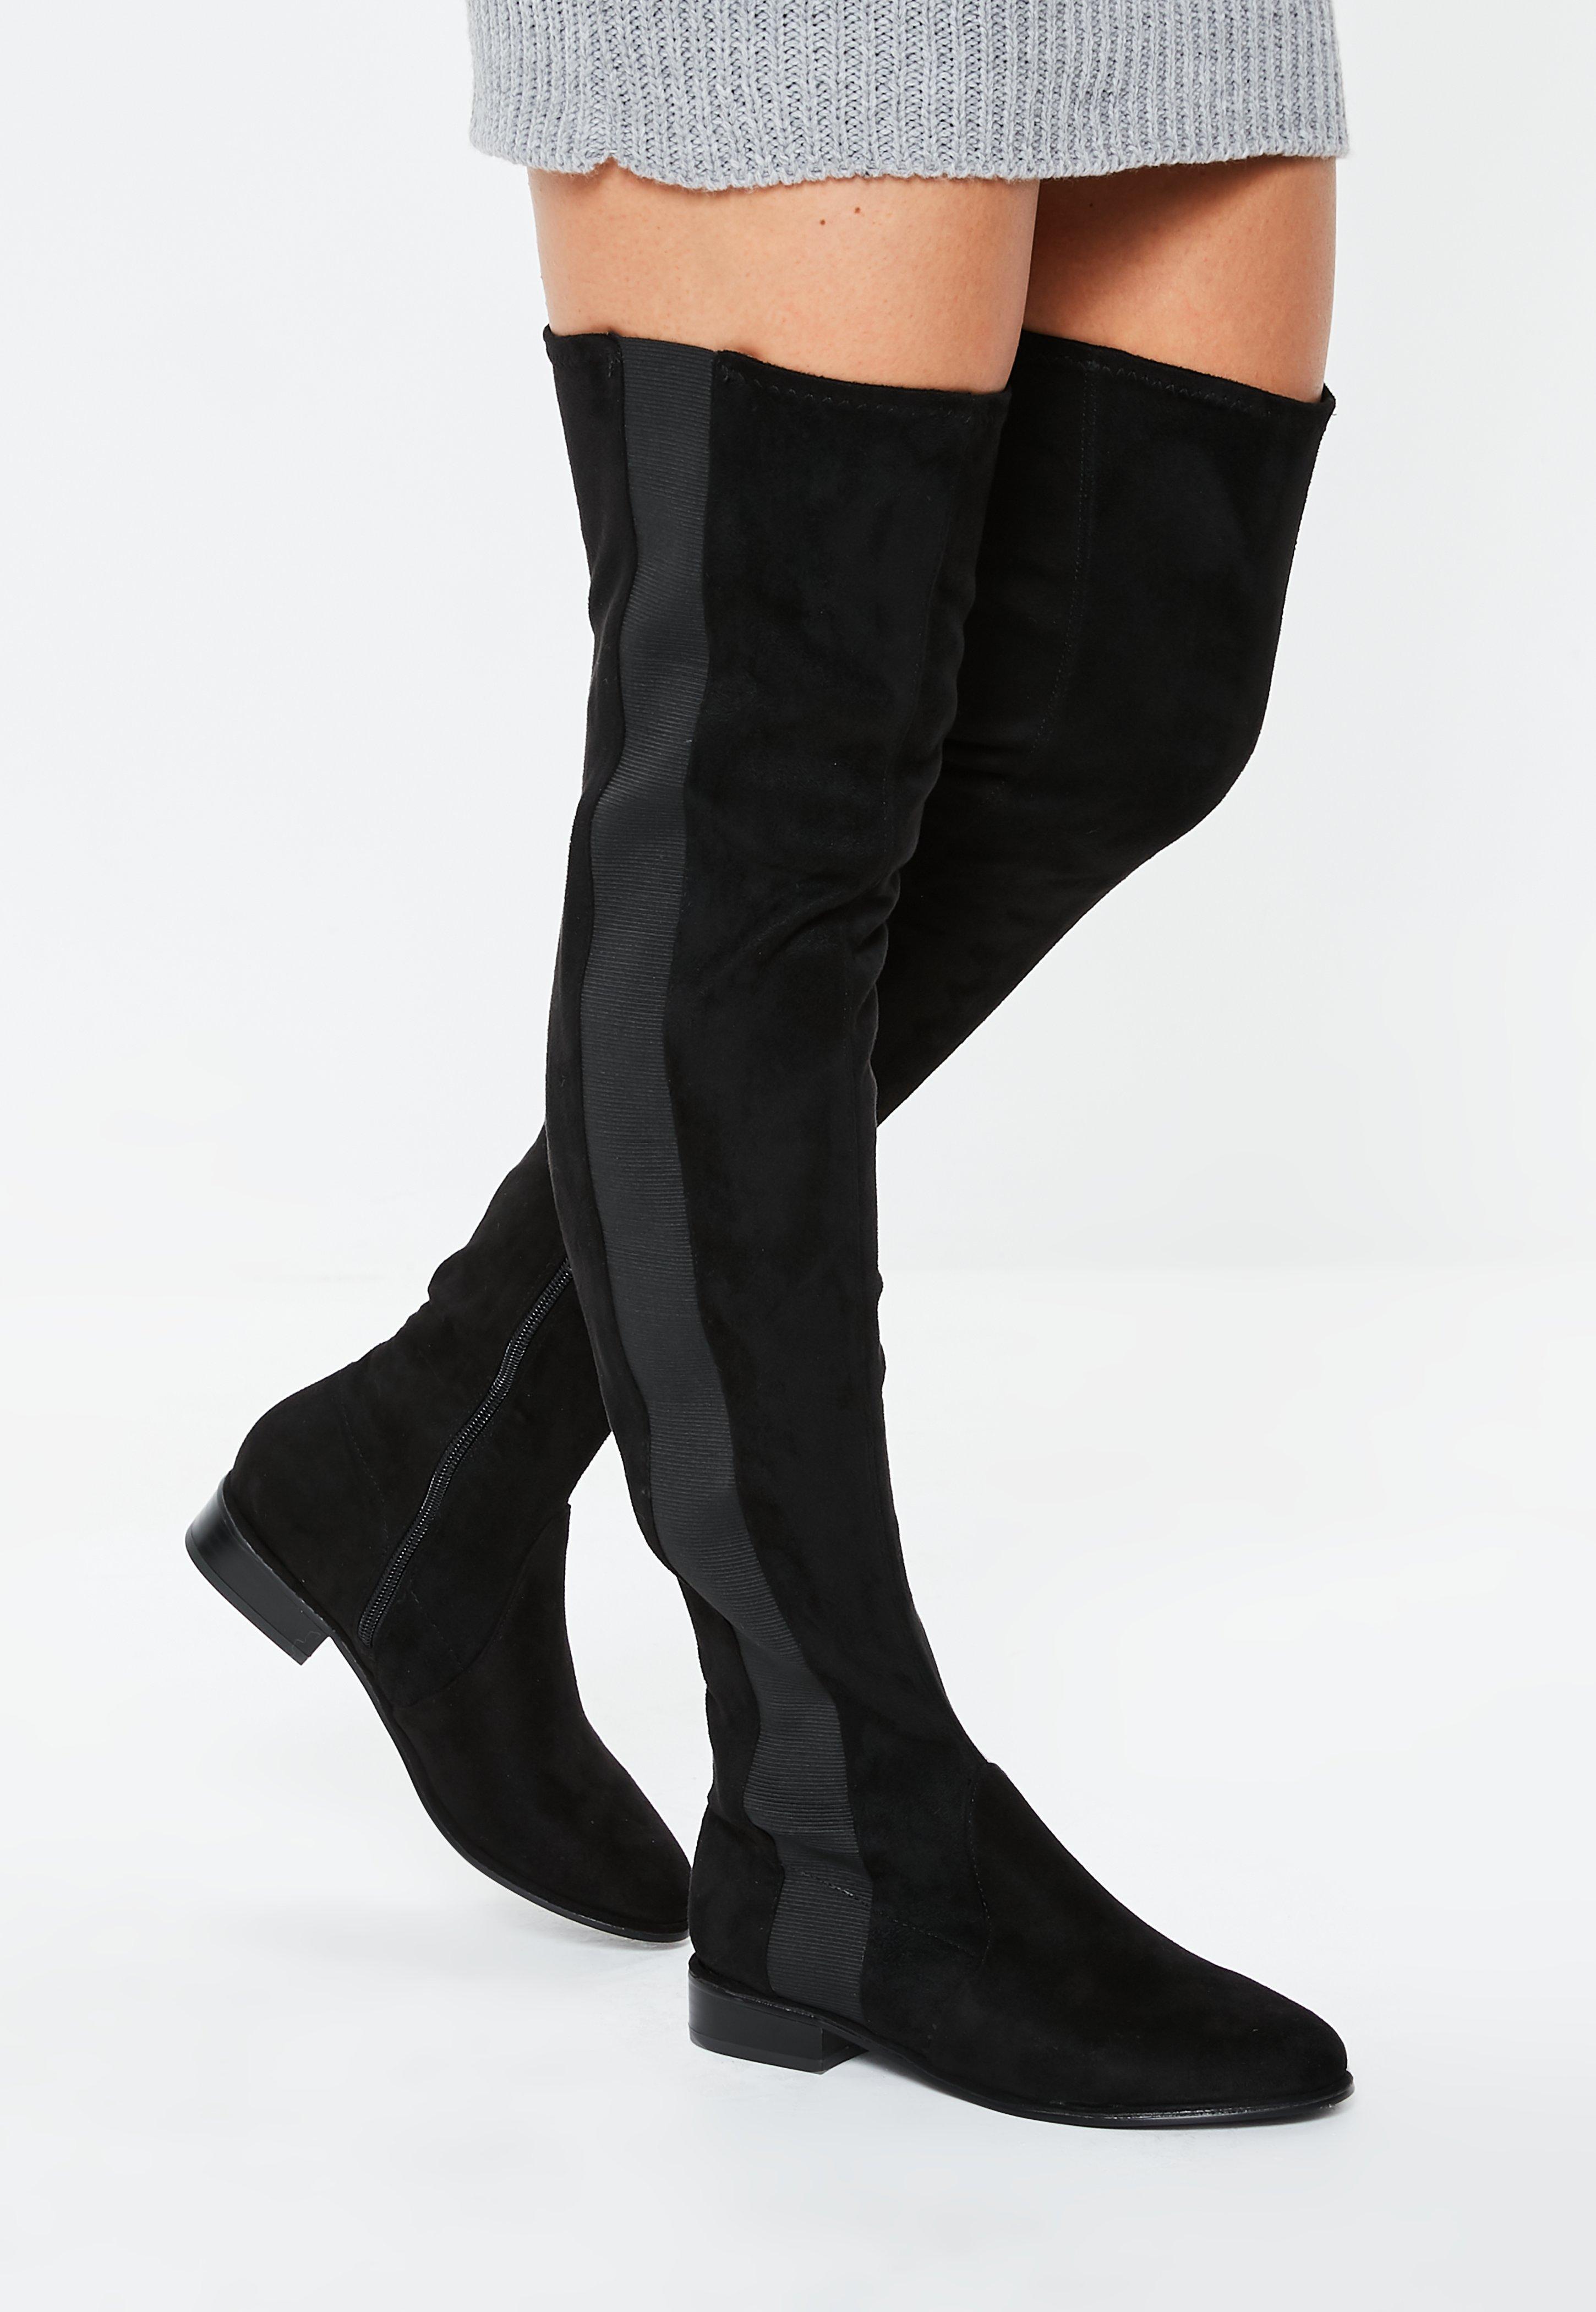 f279b4616f5 Boots Online